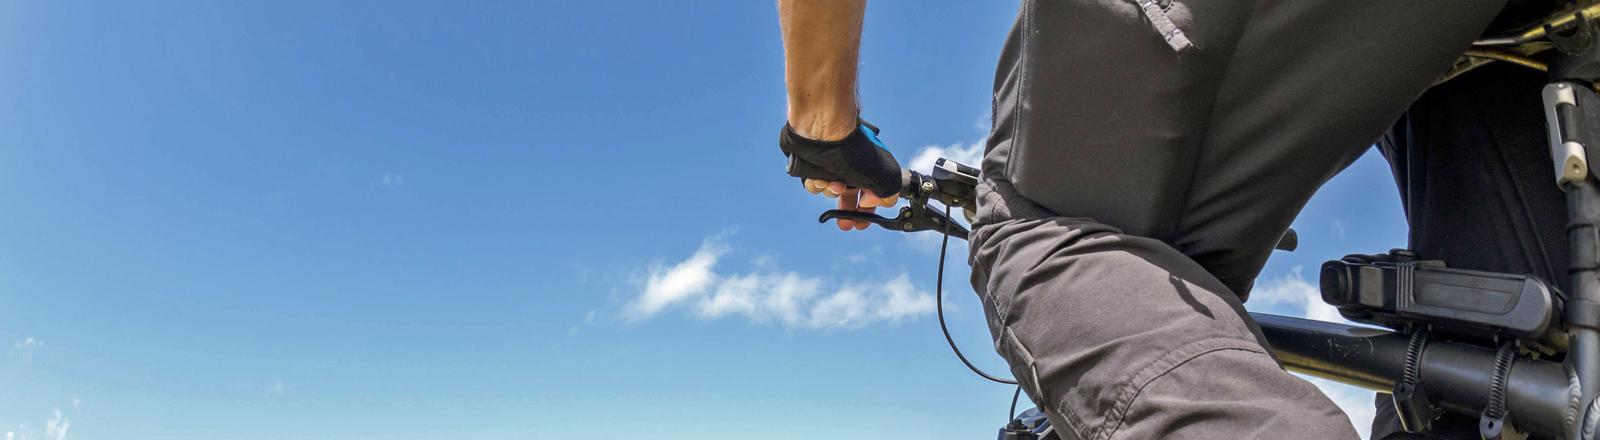 Ein Mann fährt E-Bike.